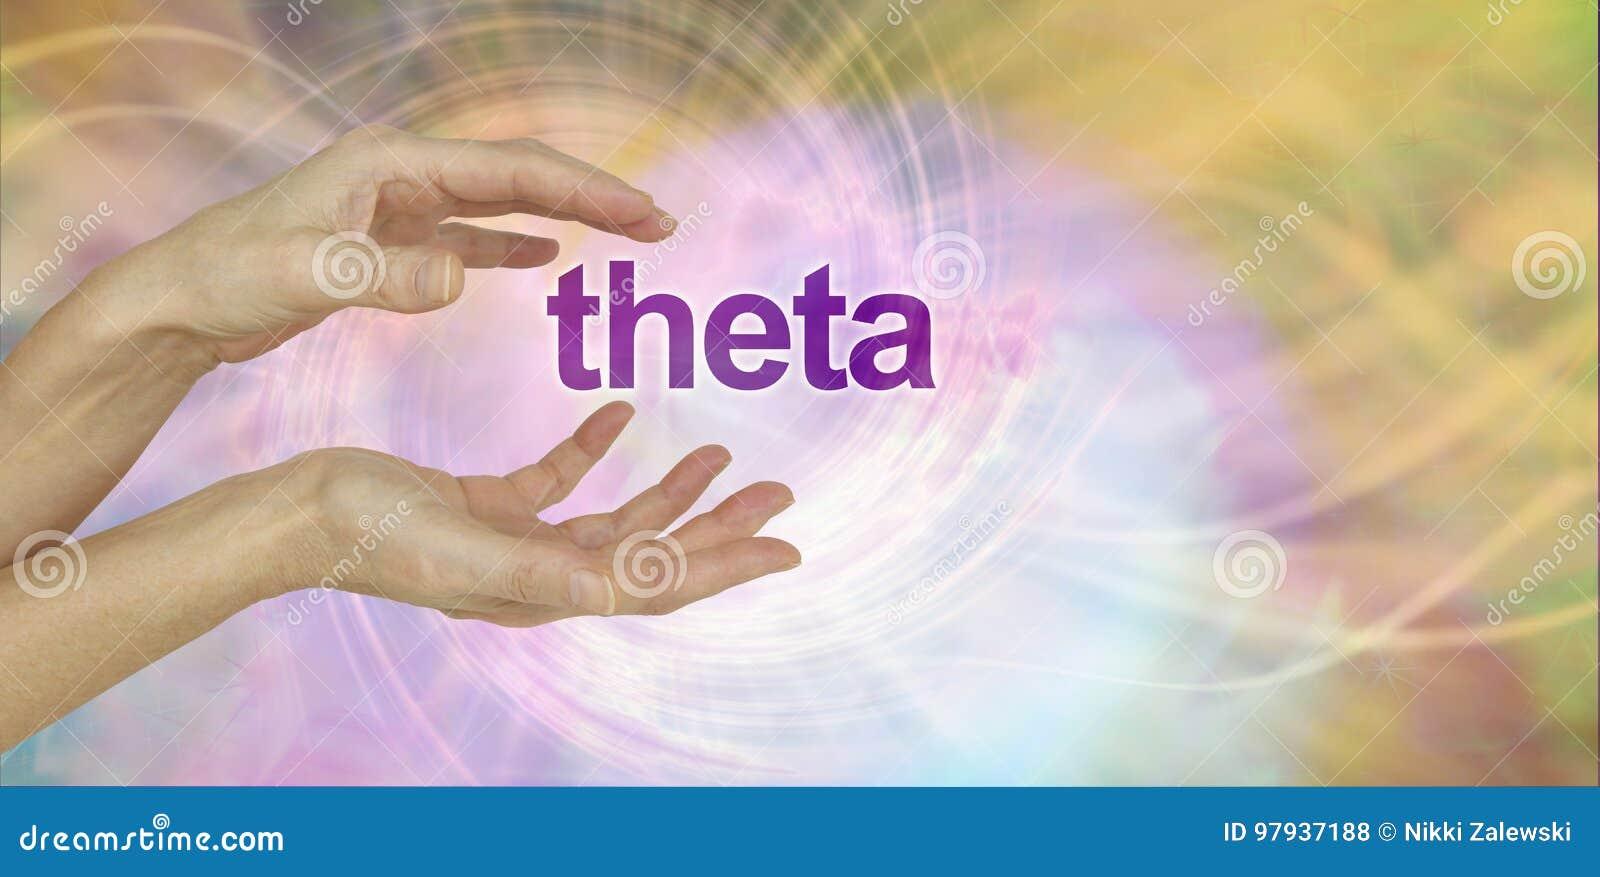 Uzdrowiciel pracuje z theta energią